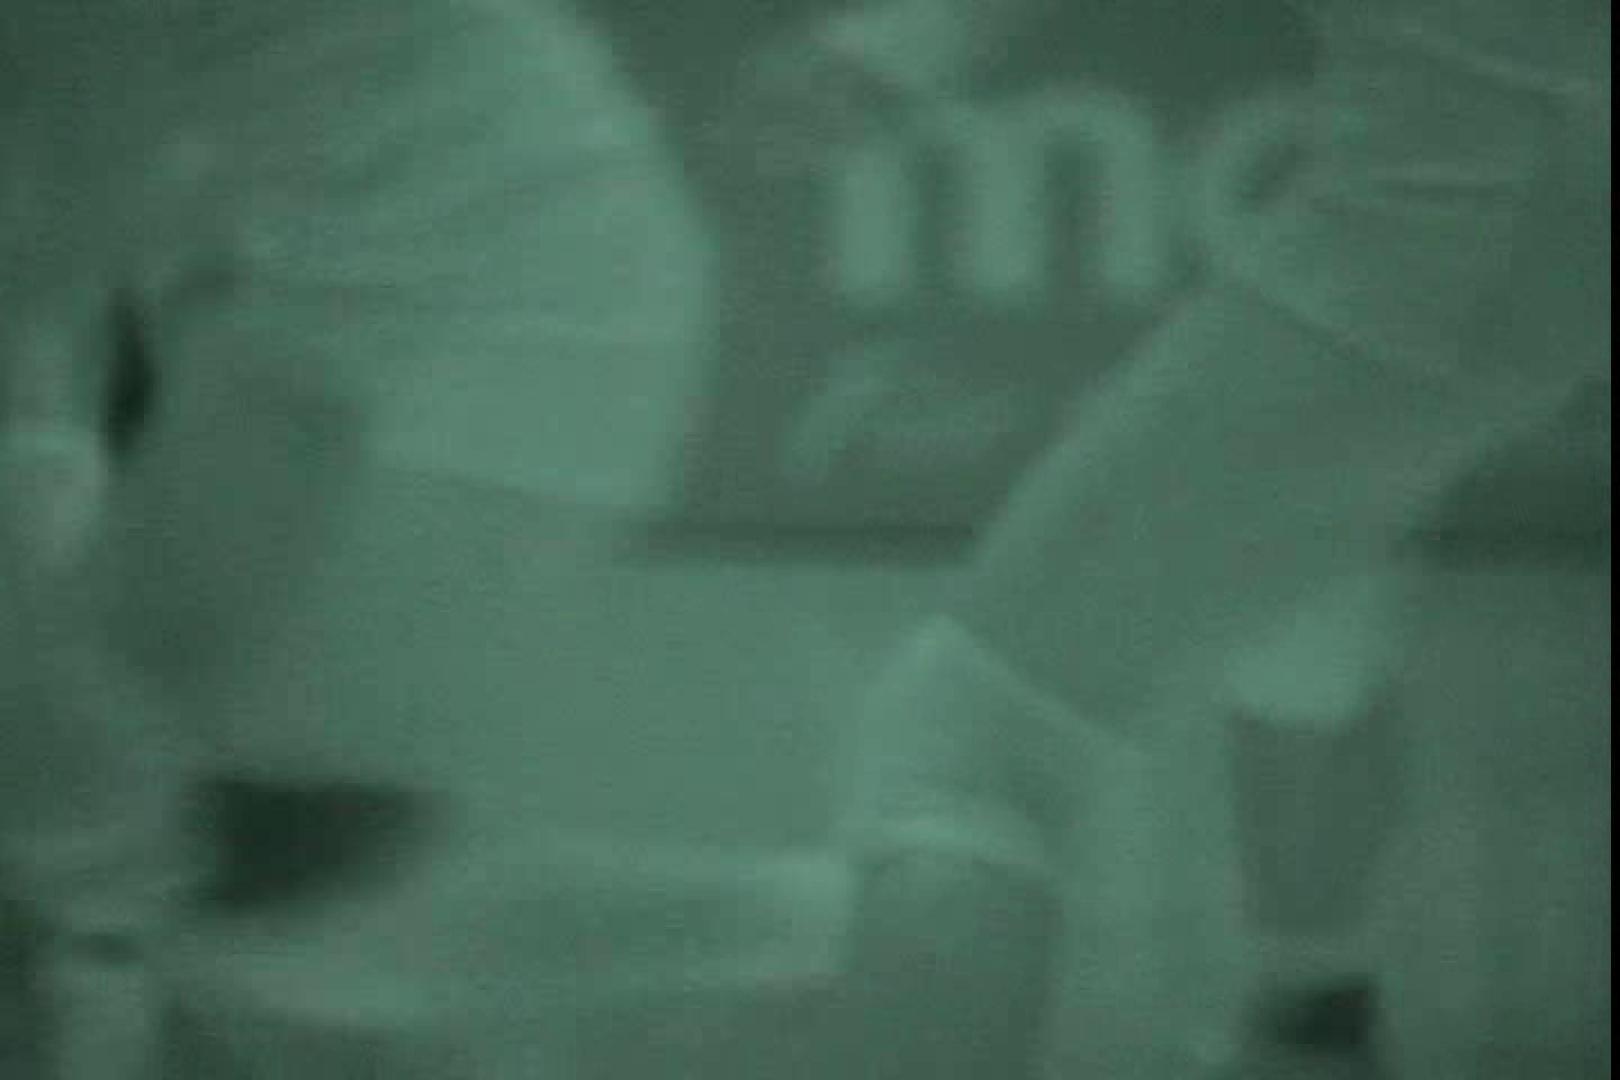 赤外線ムレスケバレー(汗) vol.09 アスリート  92連発 28